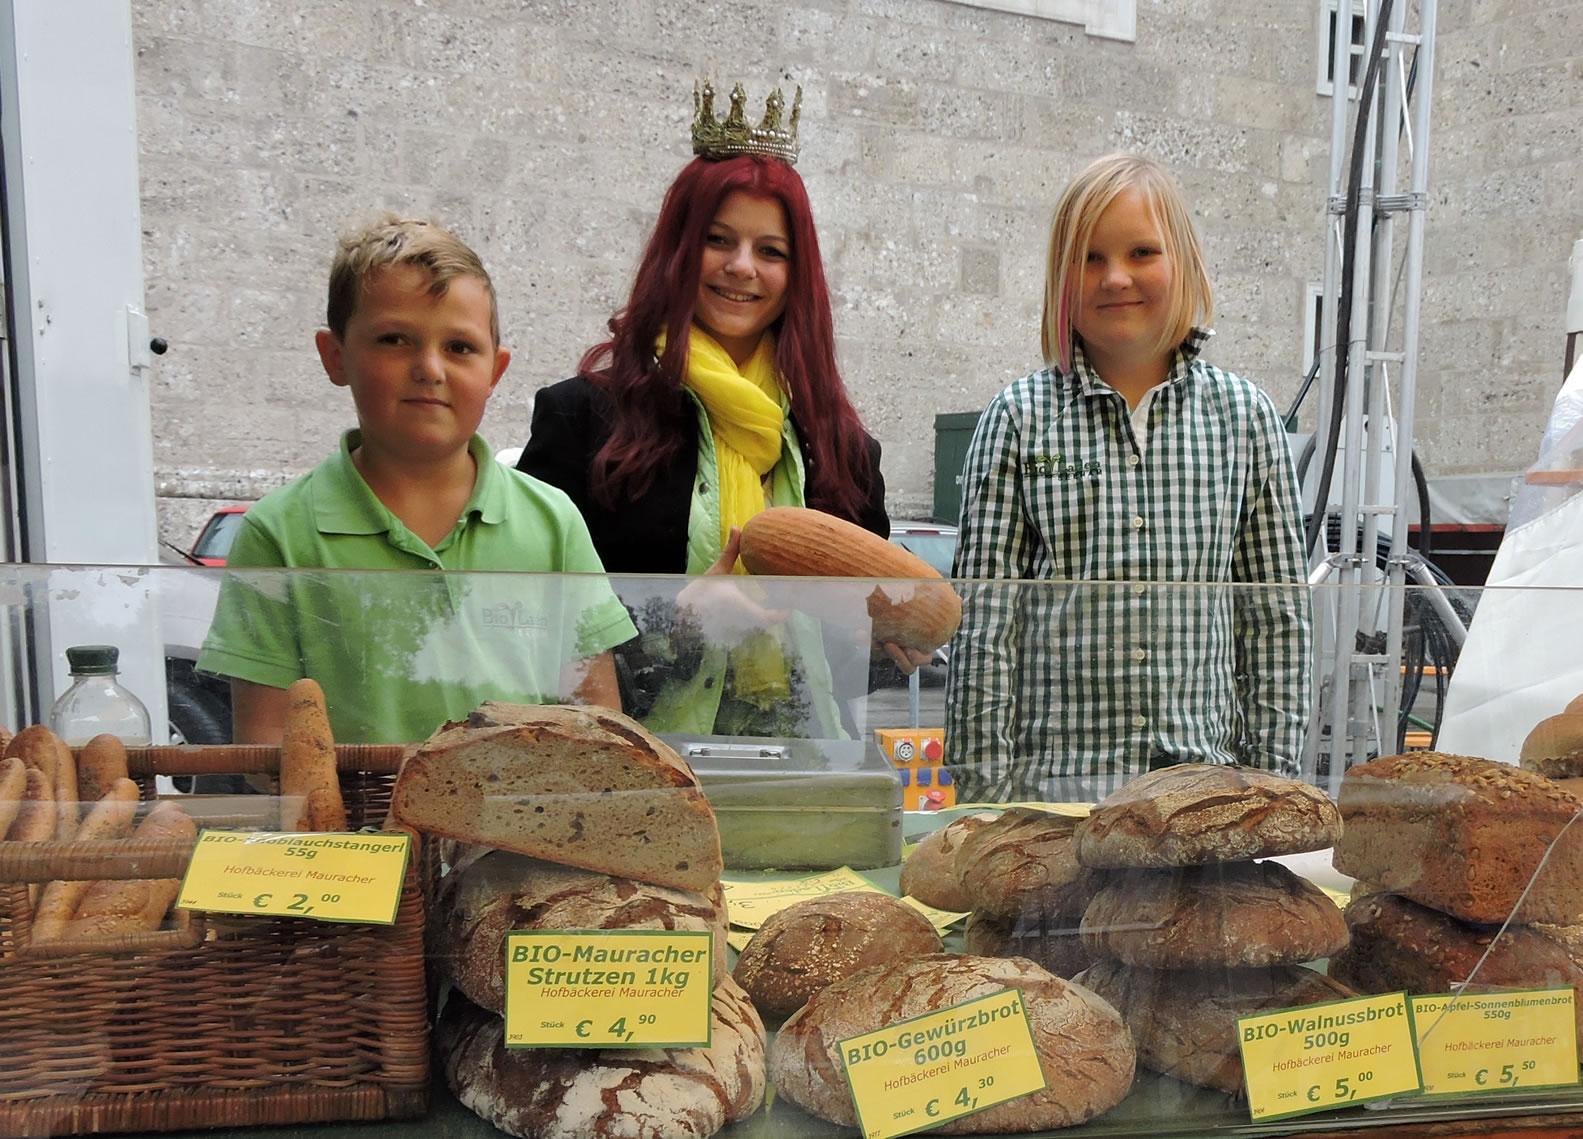 Hier zu sehen die beiden Kinder von Margit und Thomas Wallner mit der Maria, der Königin der Bio-Heu-Region beim Biofest in Salzburg